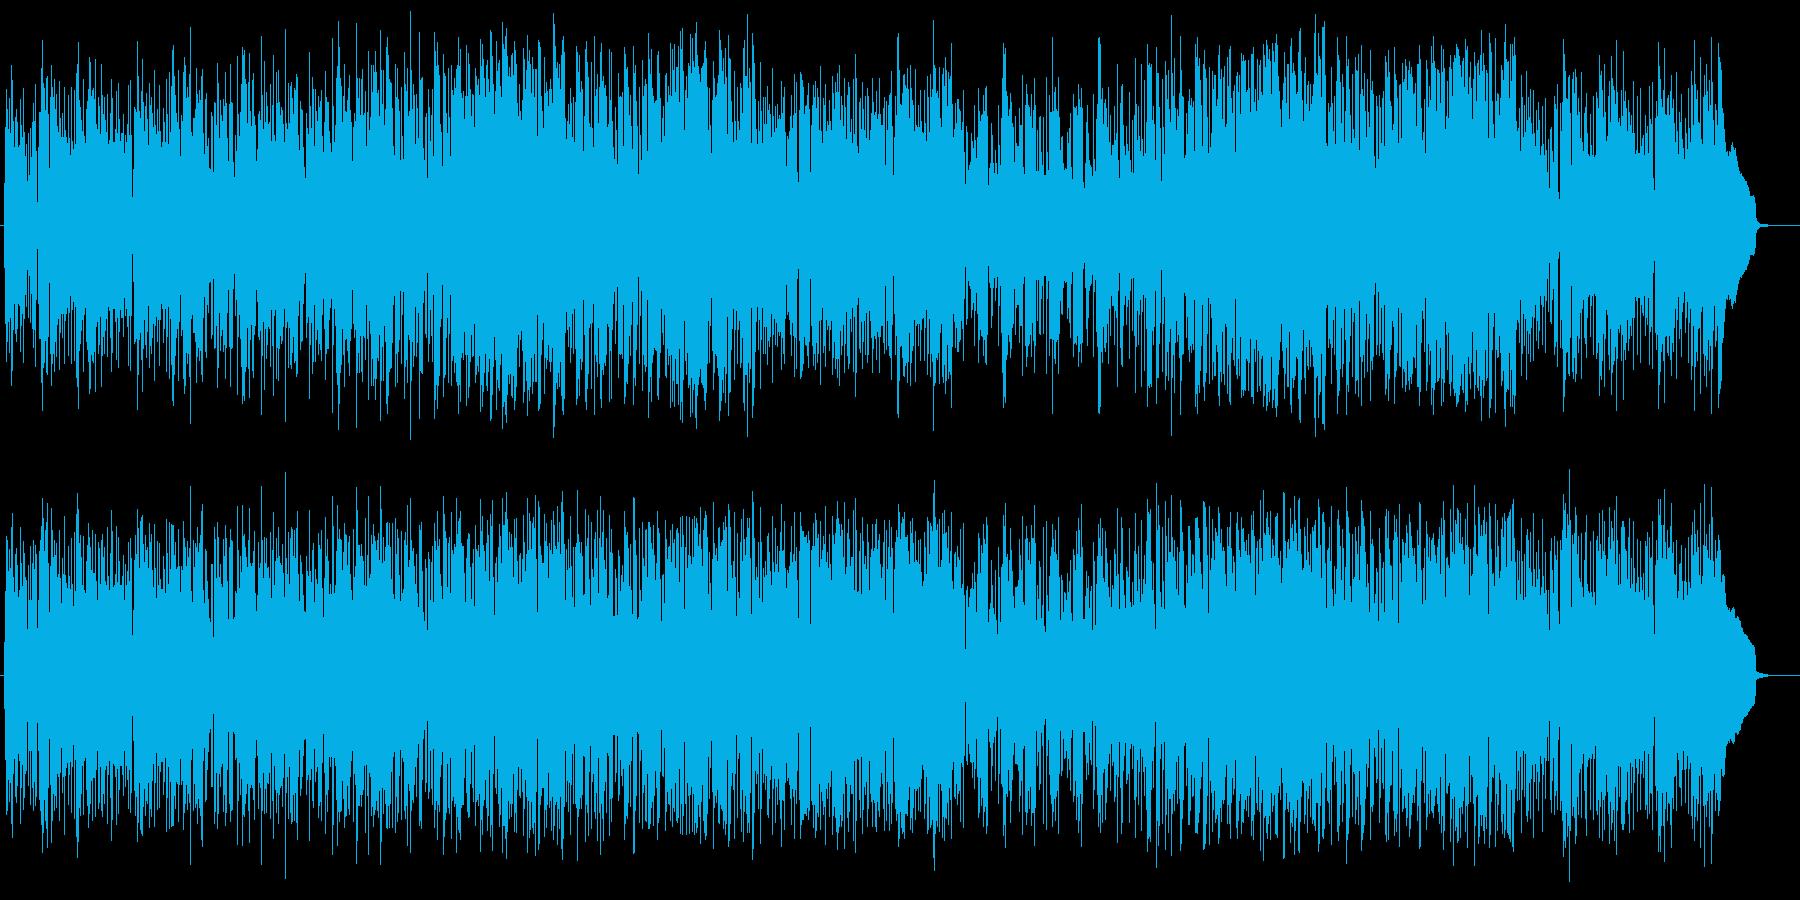 リズミカルで陽気な雰囲気の曲の再生済みの波形